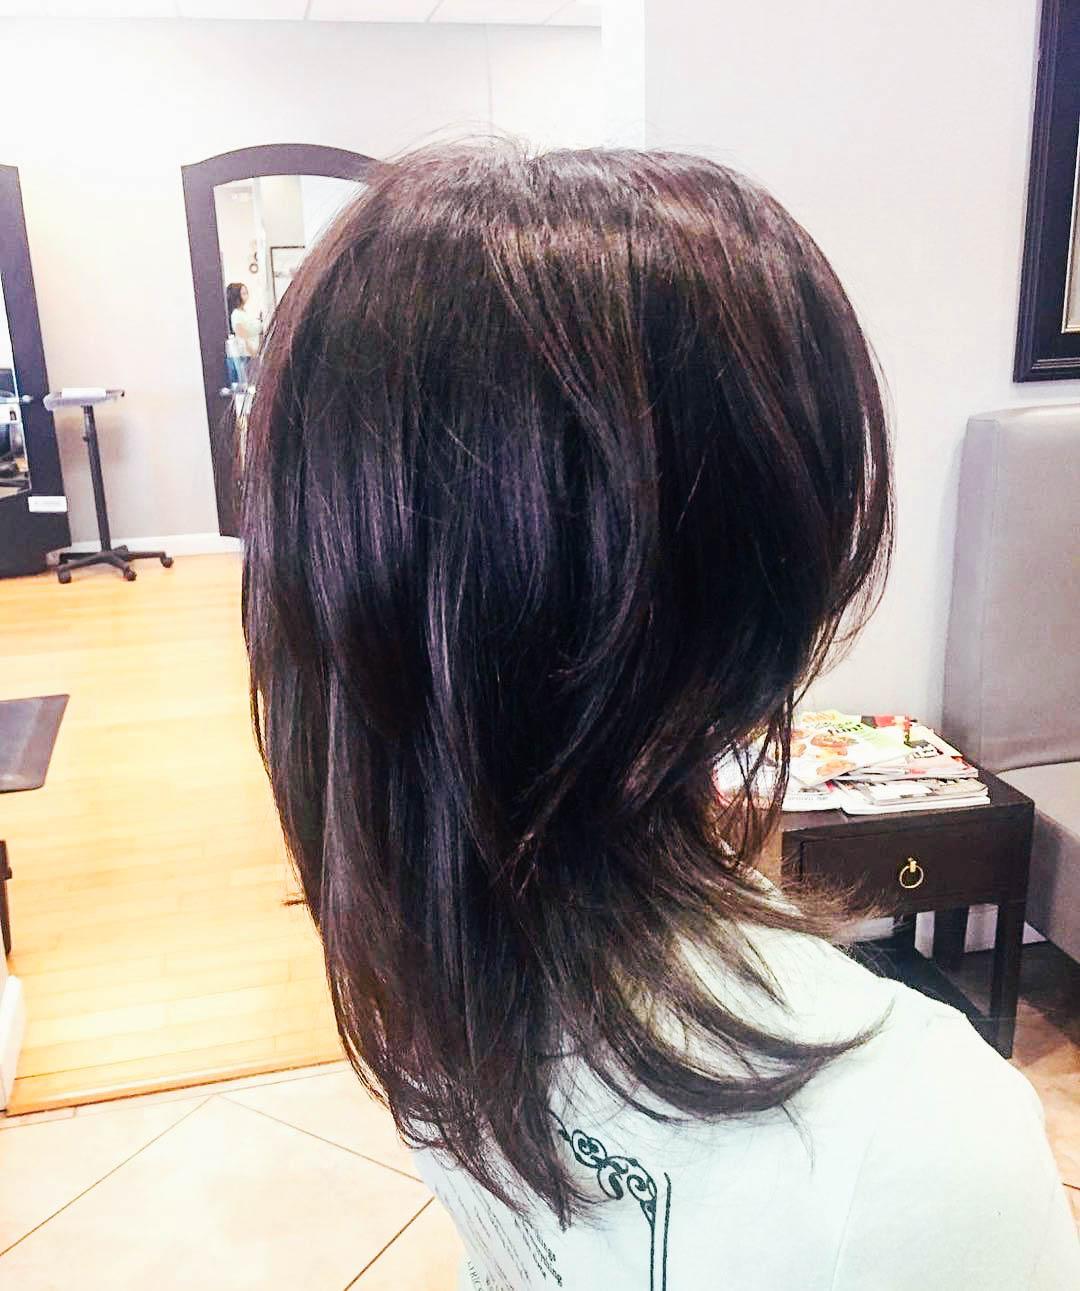 Кудрявые волосы: Короткие и длинные стрижки (50 фото)